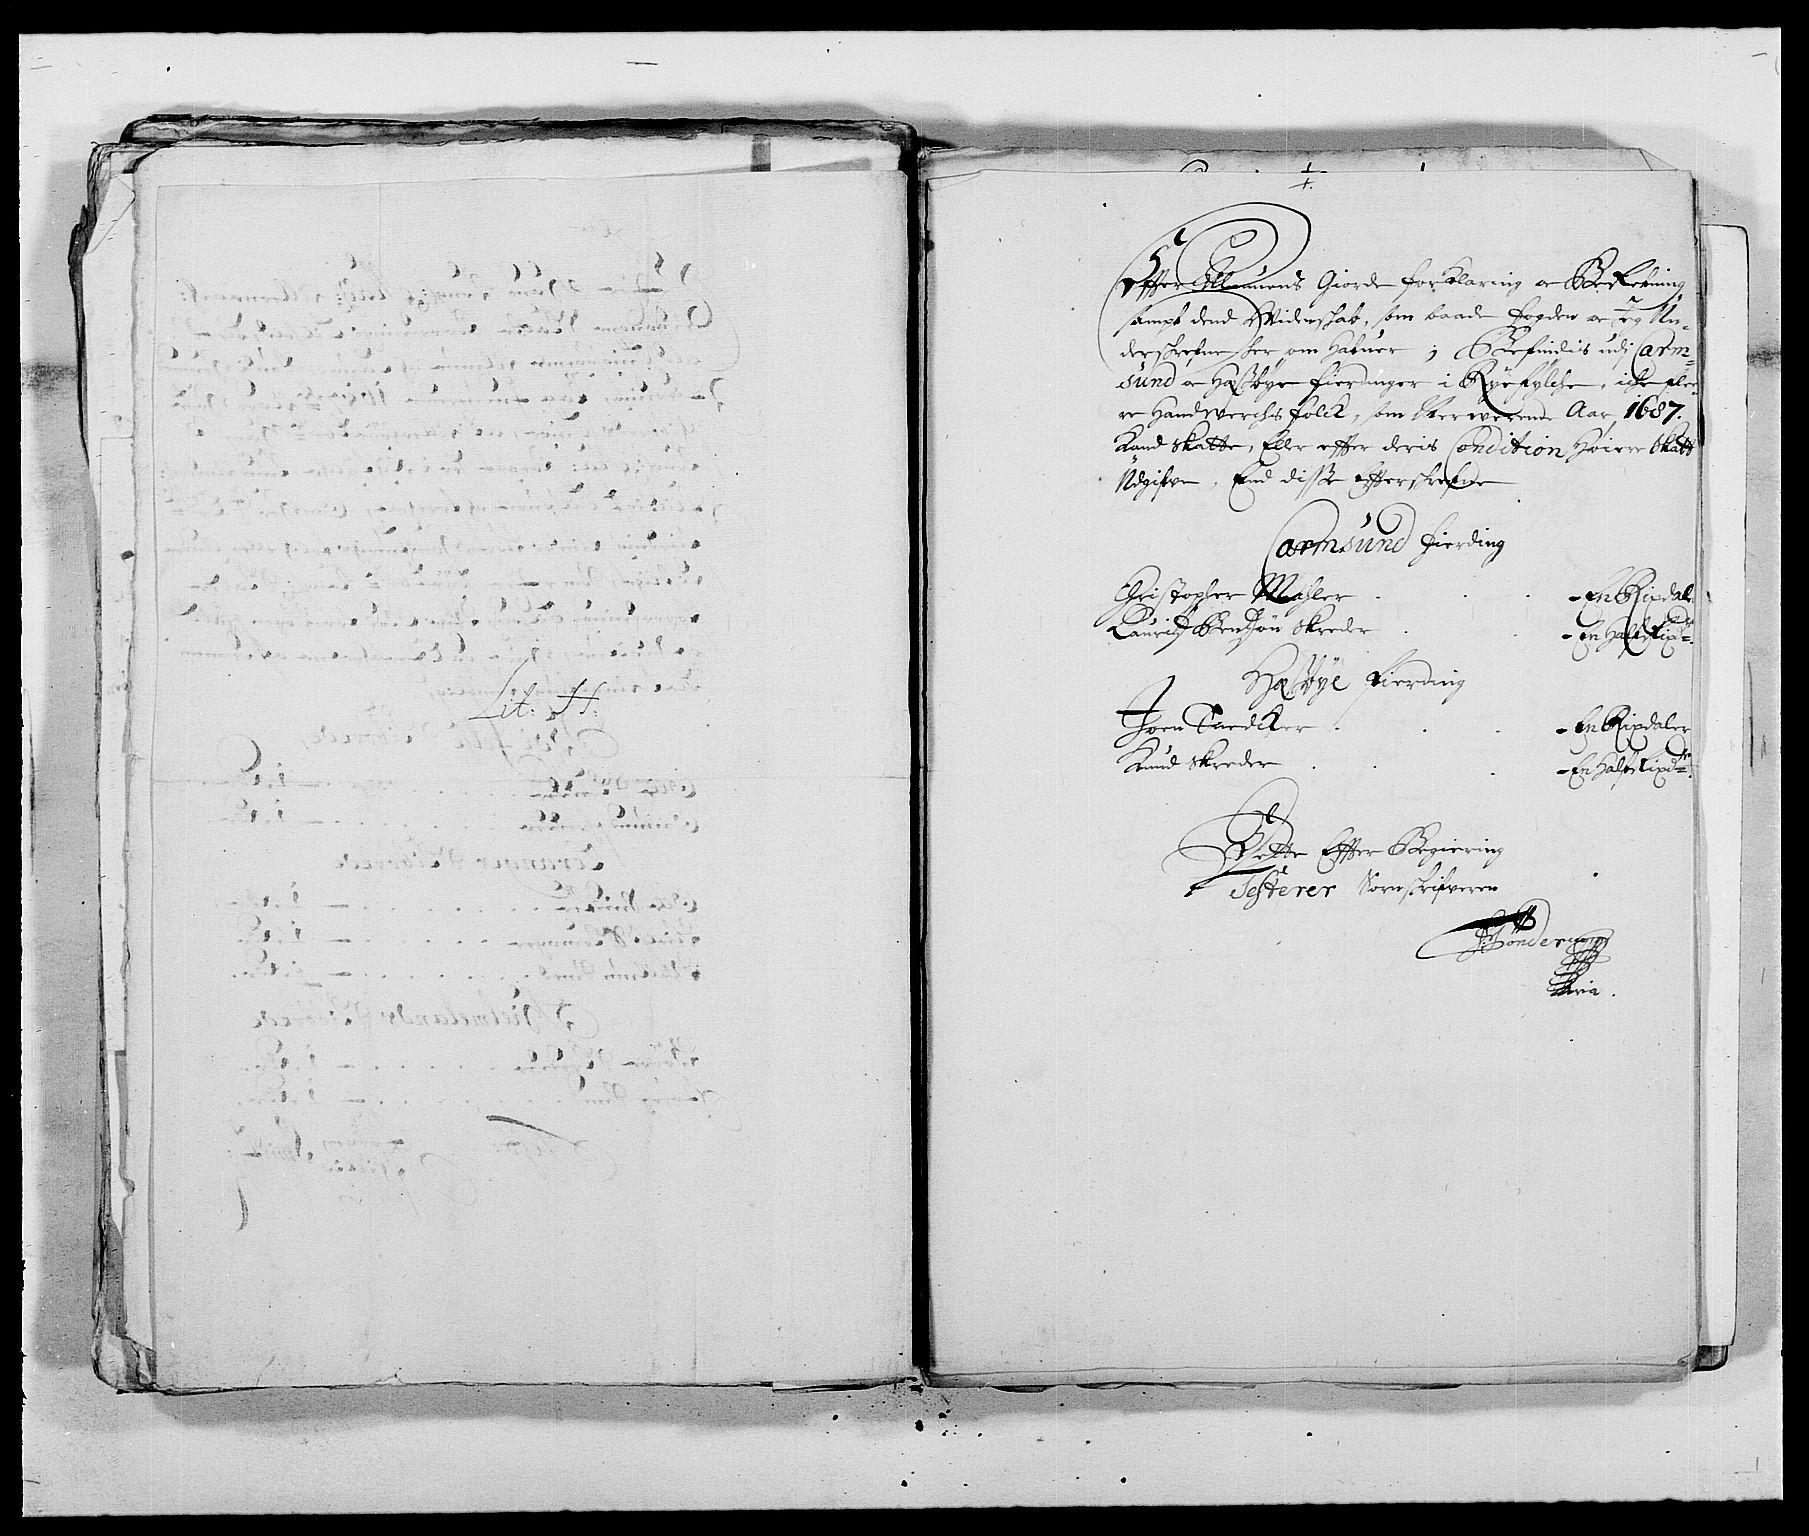 RA, Rentekammeret inntil 1814, Reviderte regnskaper, Fogderegnskap, R47/L2855: Fogderegnskap Ryfylke, 1685-1688, s. 308